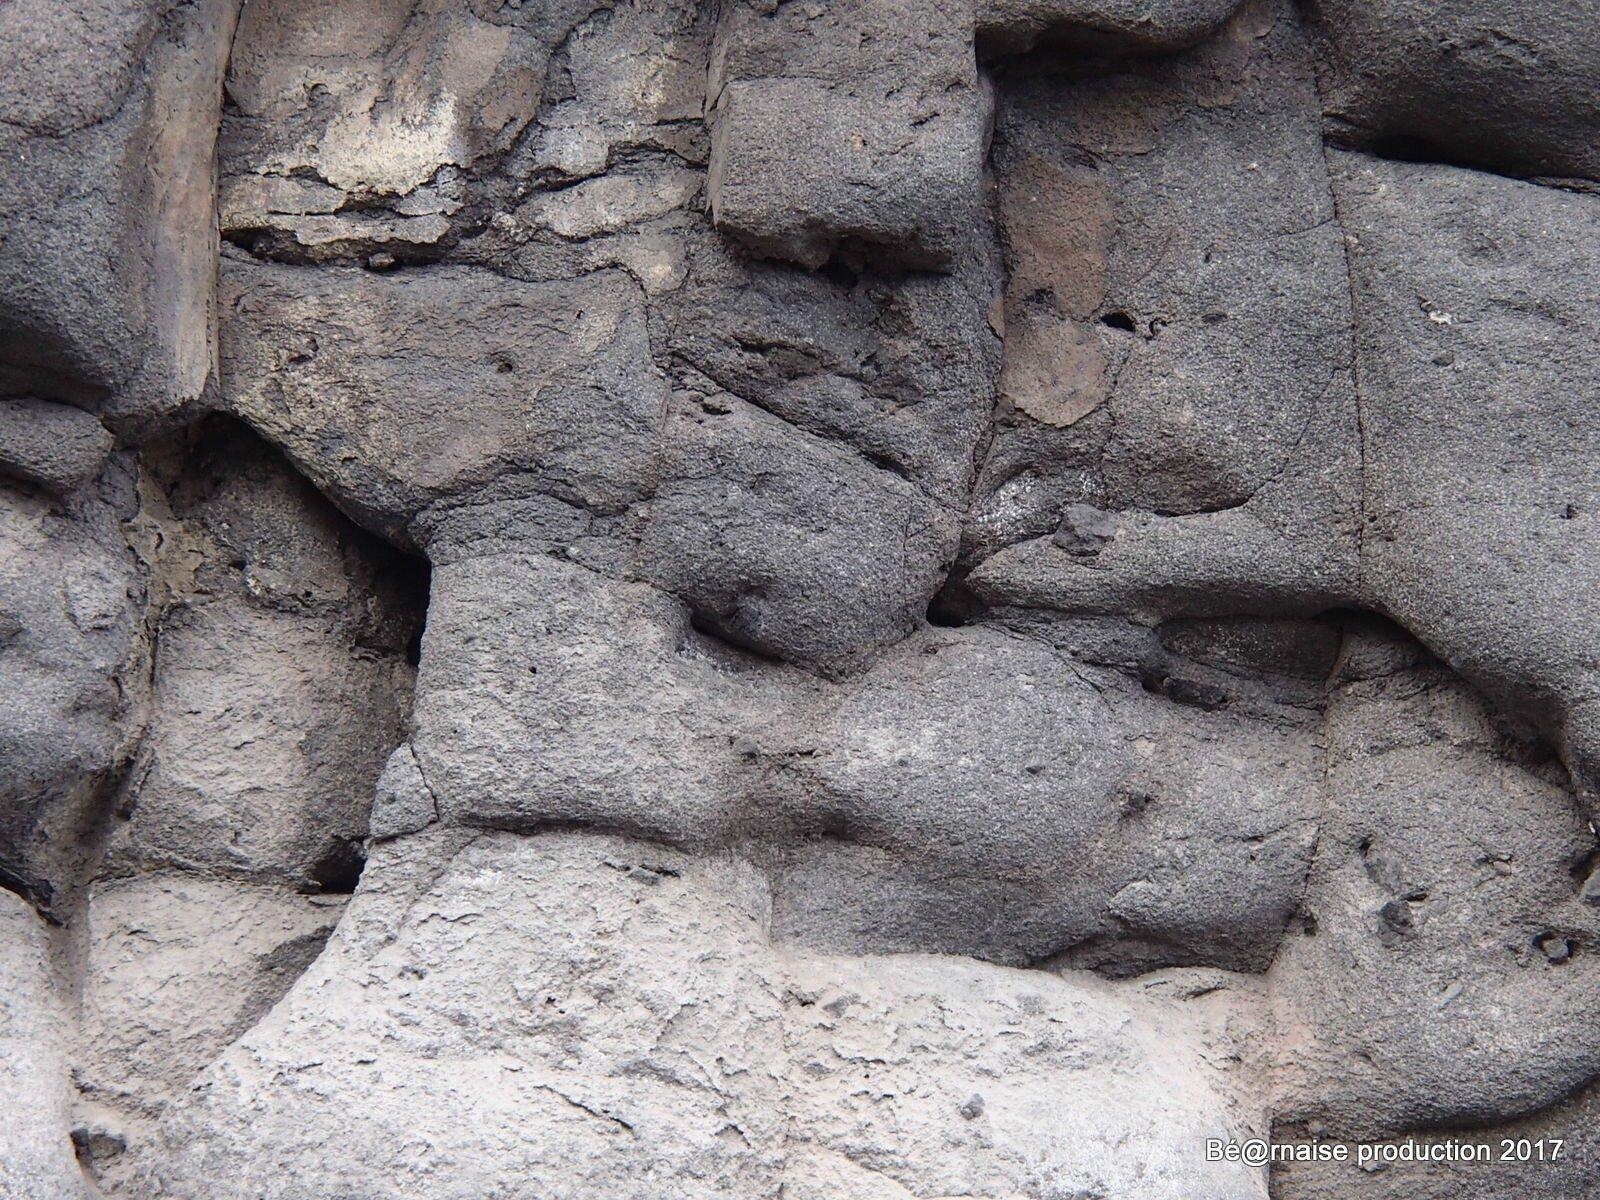 Roche volcanique (Los Concajos, La Palma, août 2017)